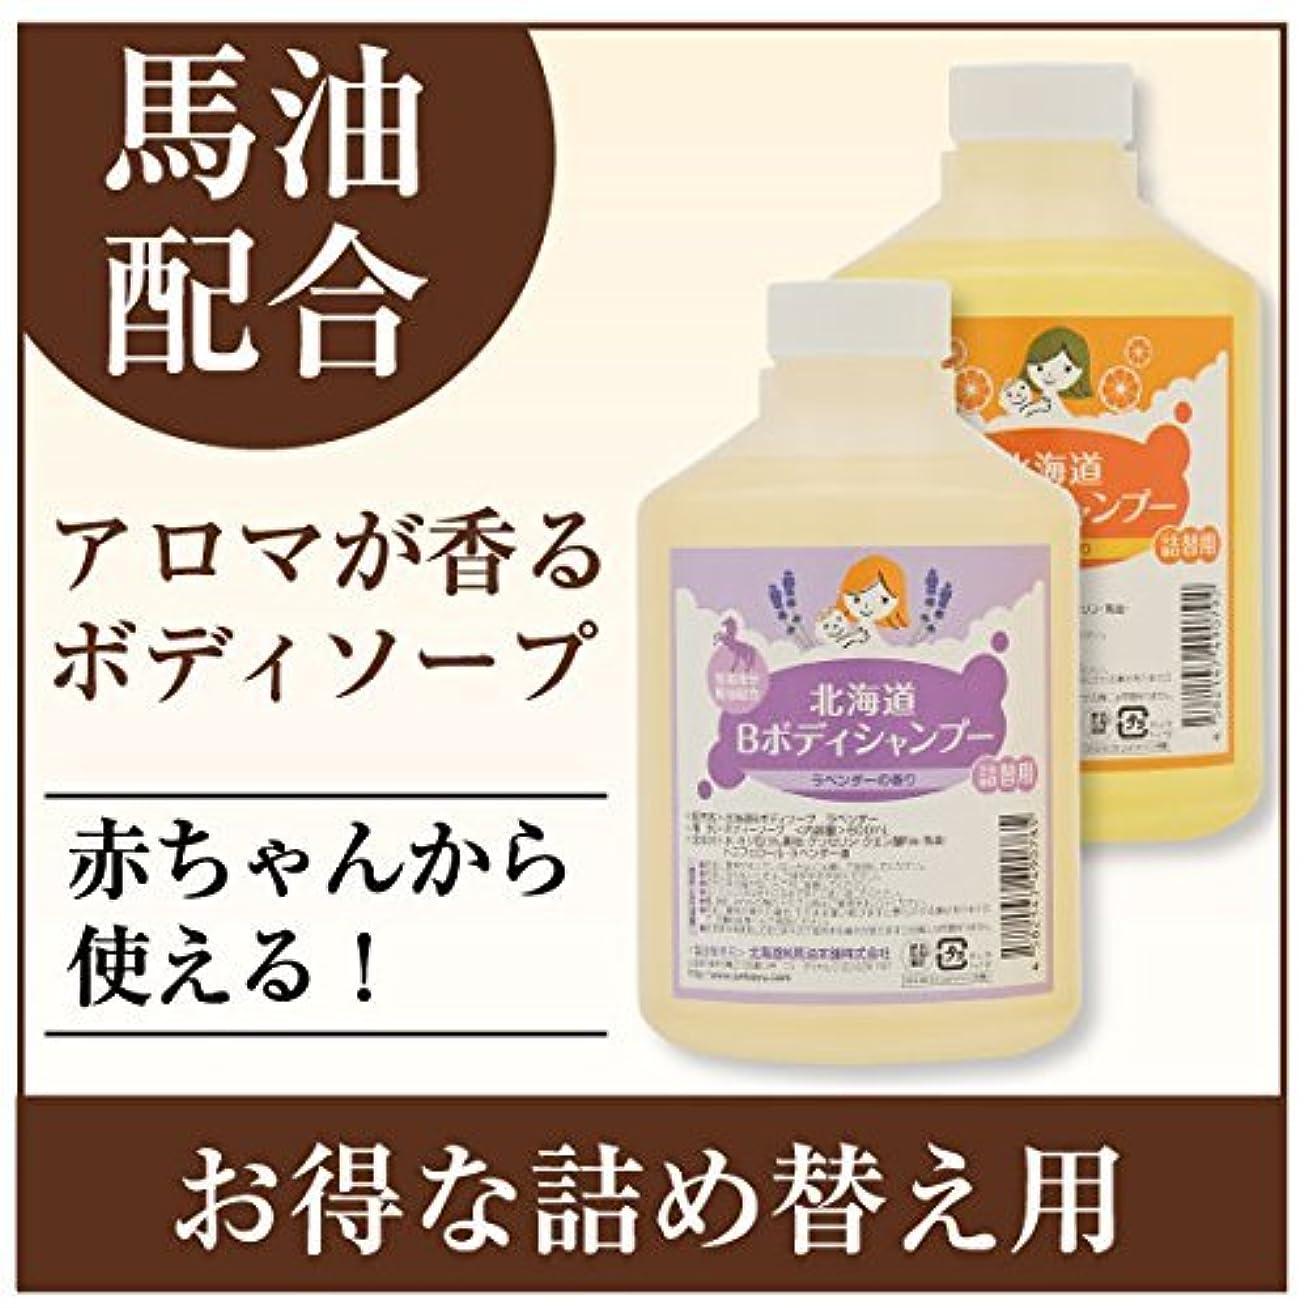 うなずく奨学金局北海道Bボディシャンプー 600mL (オレンジ)